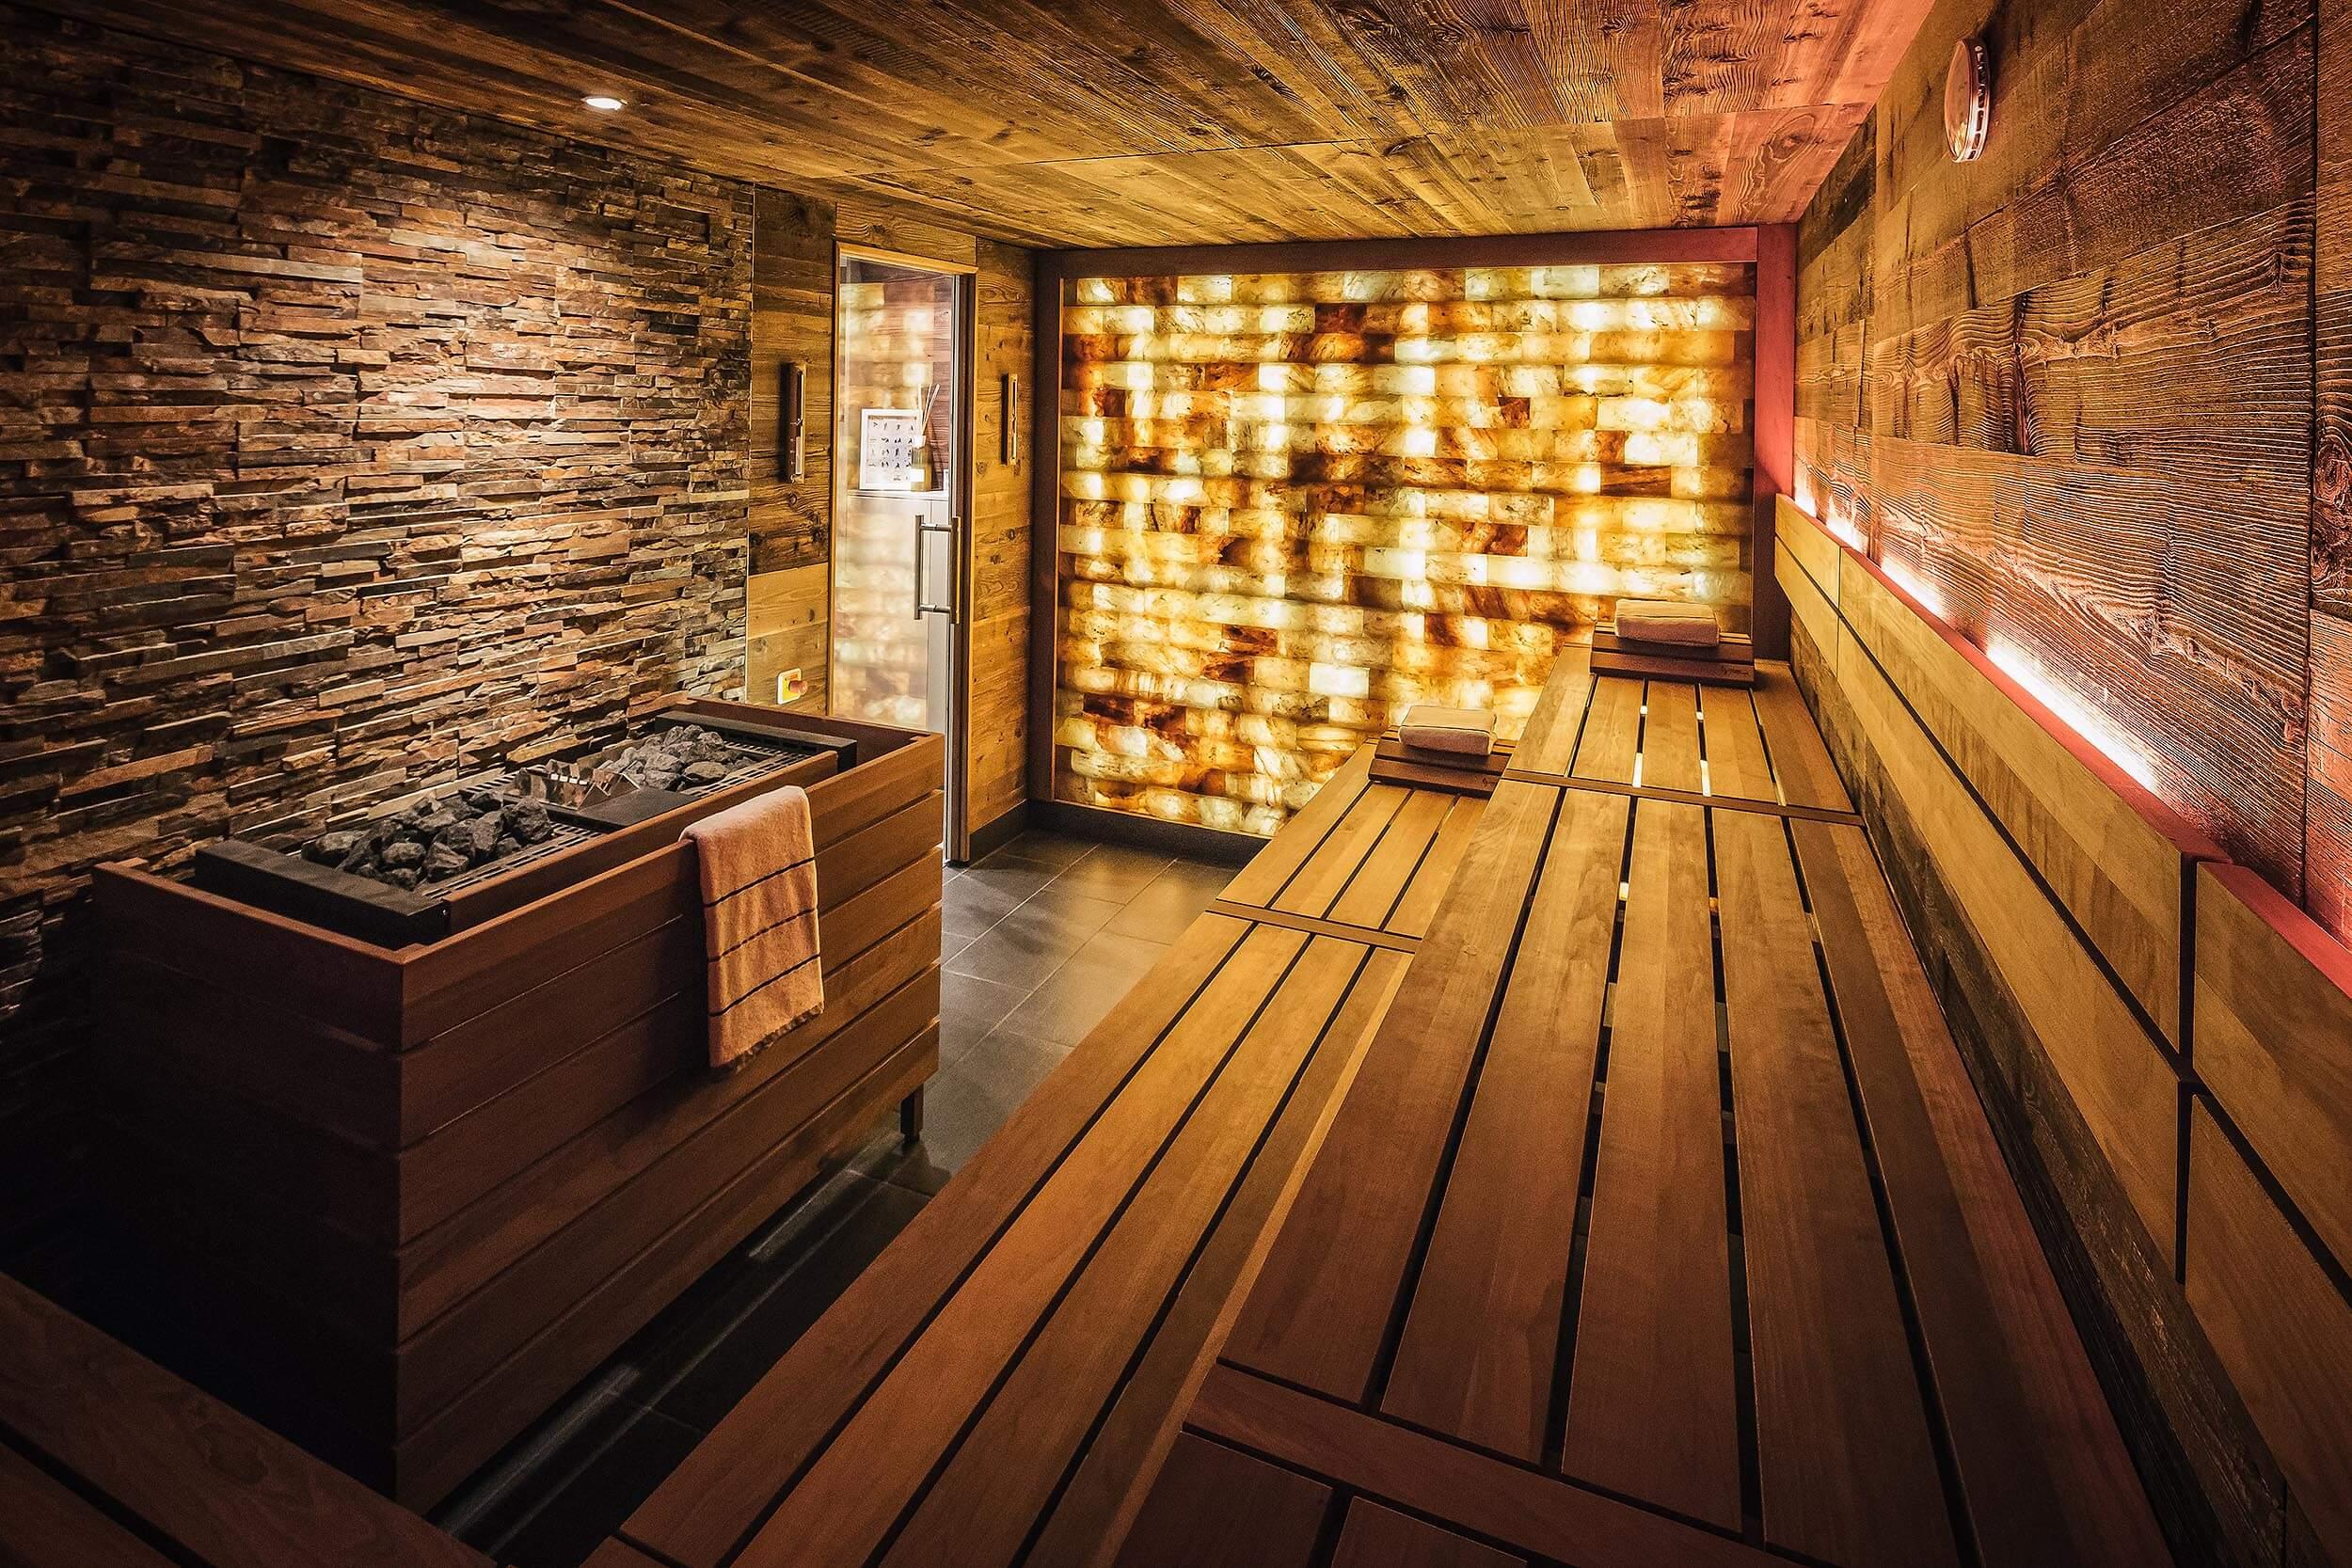 Ab welchem Alter darf man in die Sauna? Info vom Saunaprofi